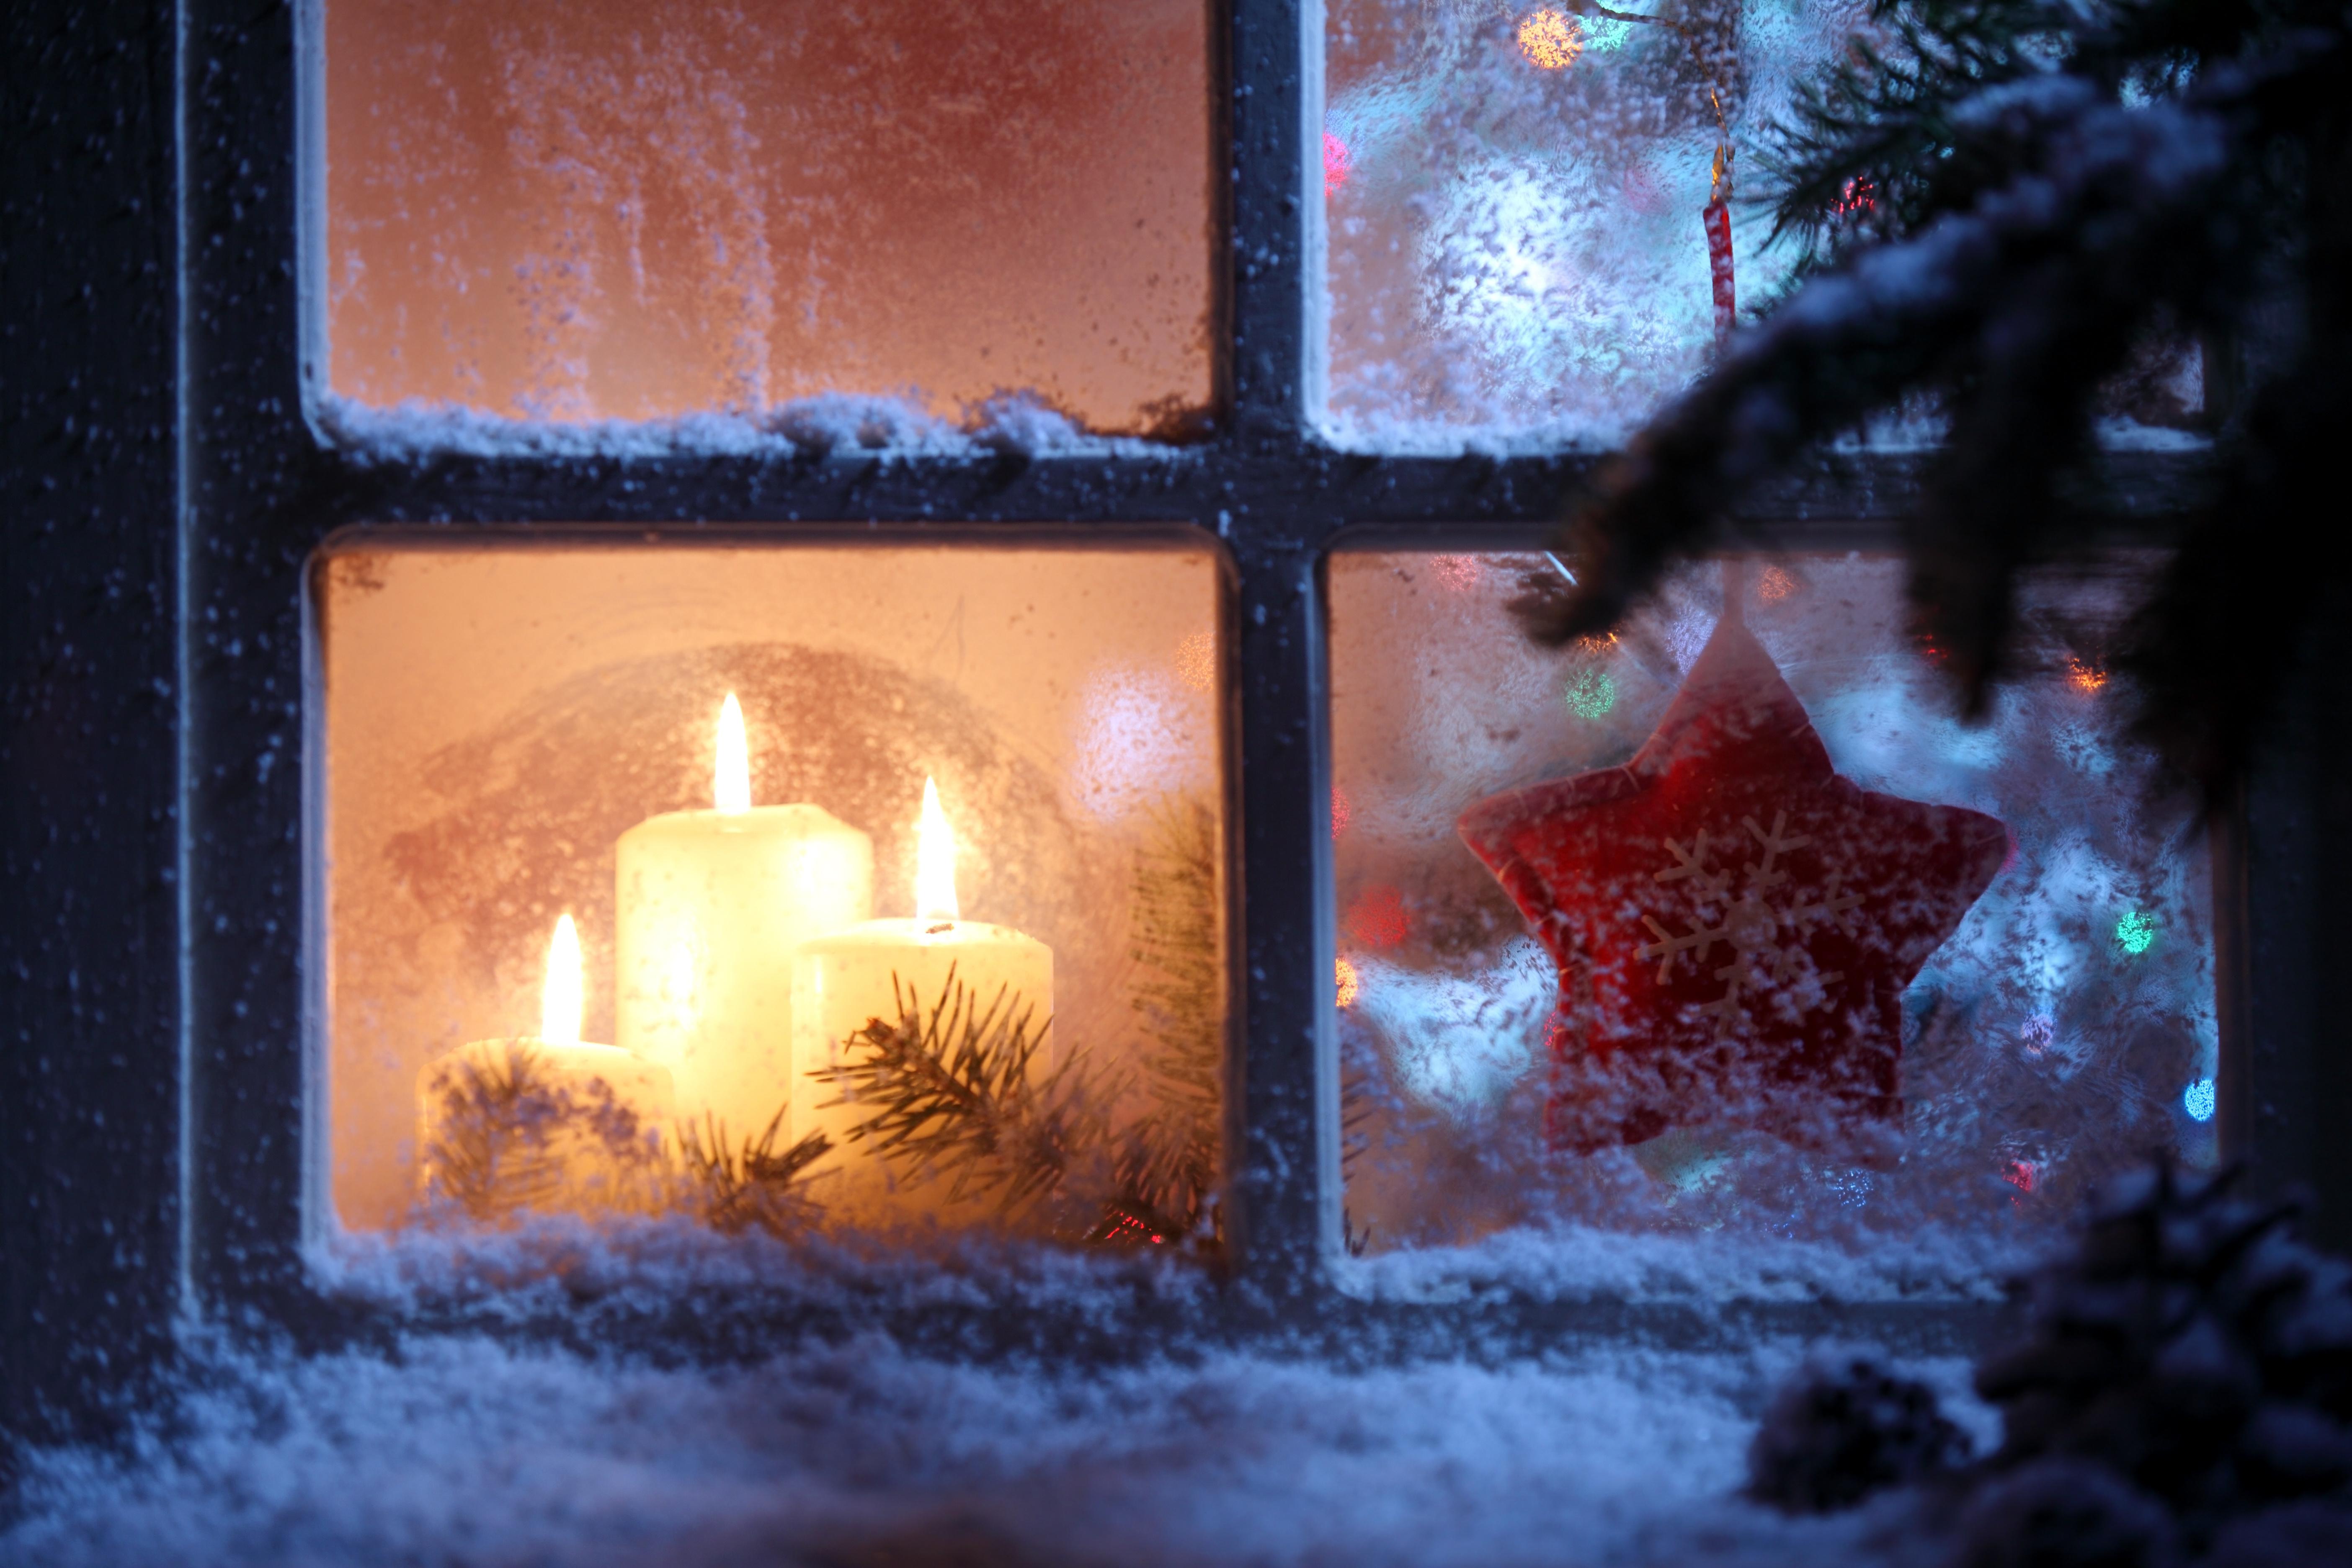 лампа свеча снег рождество lamp candle snow Christmas  № 3982761 загрузить